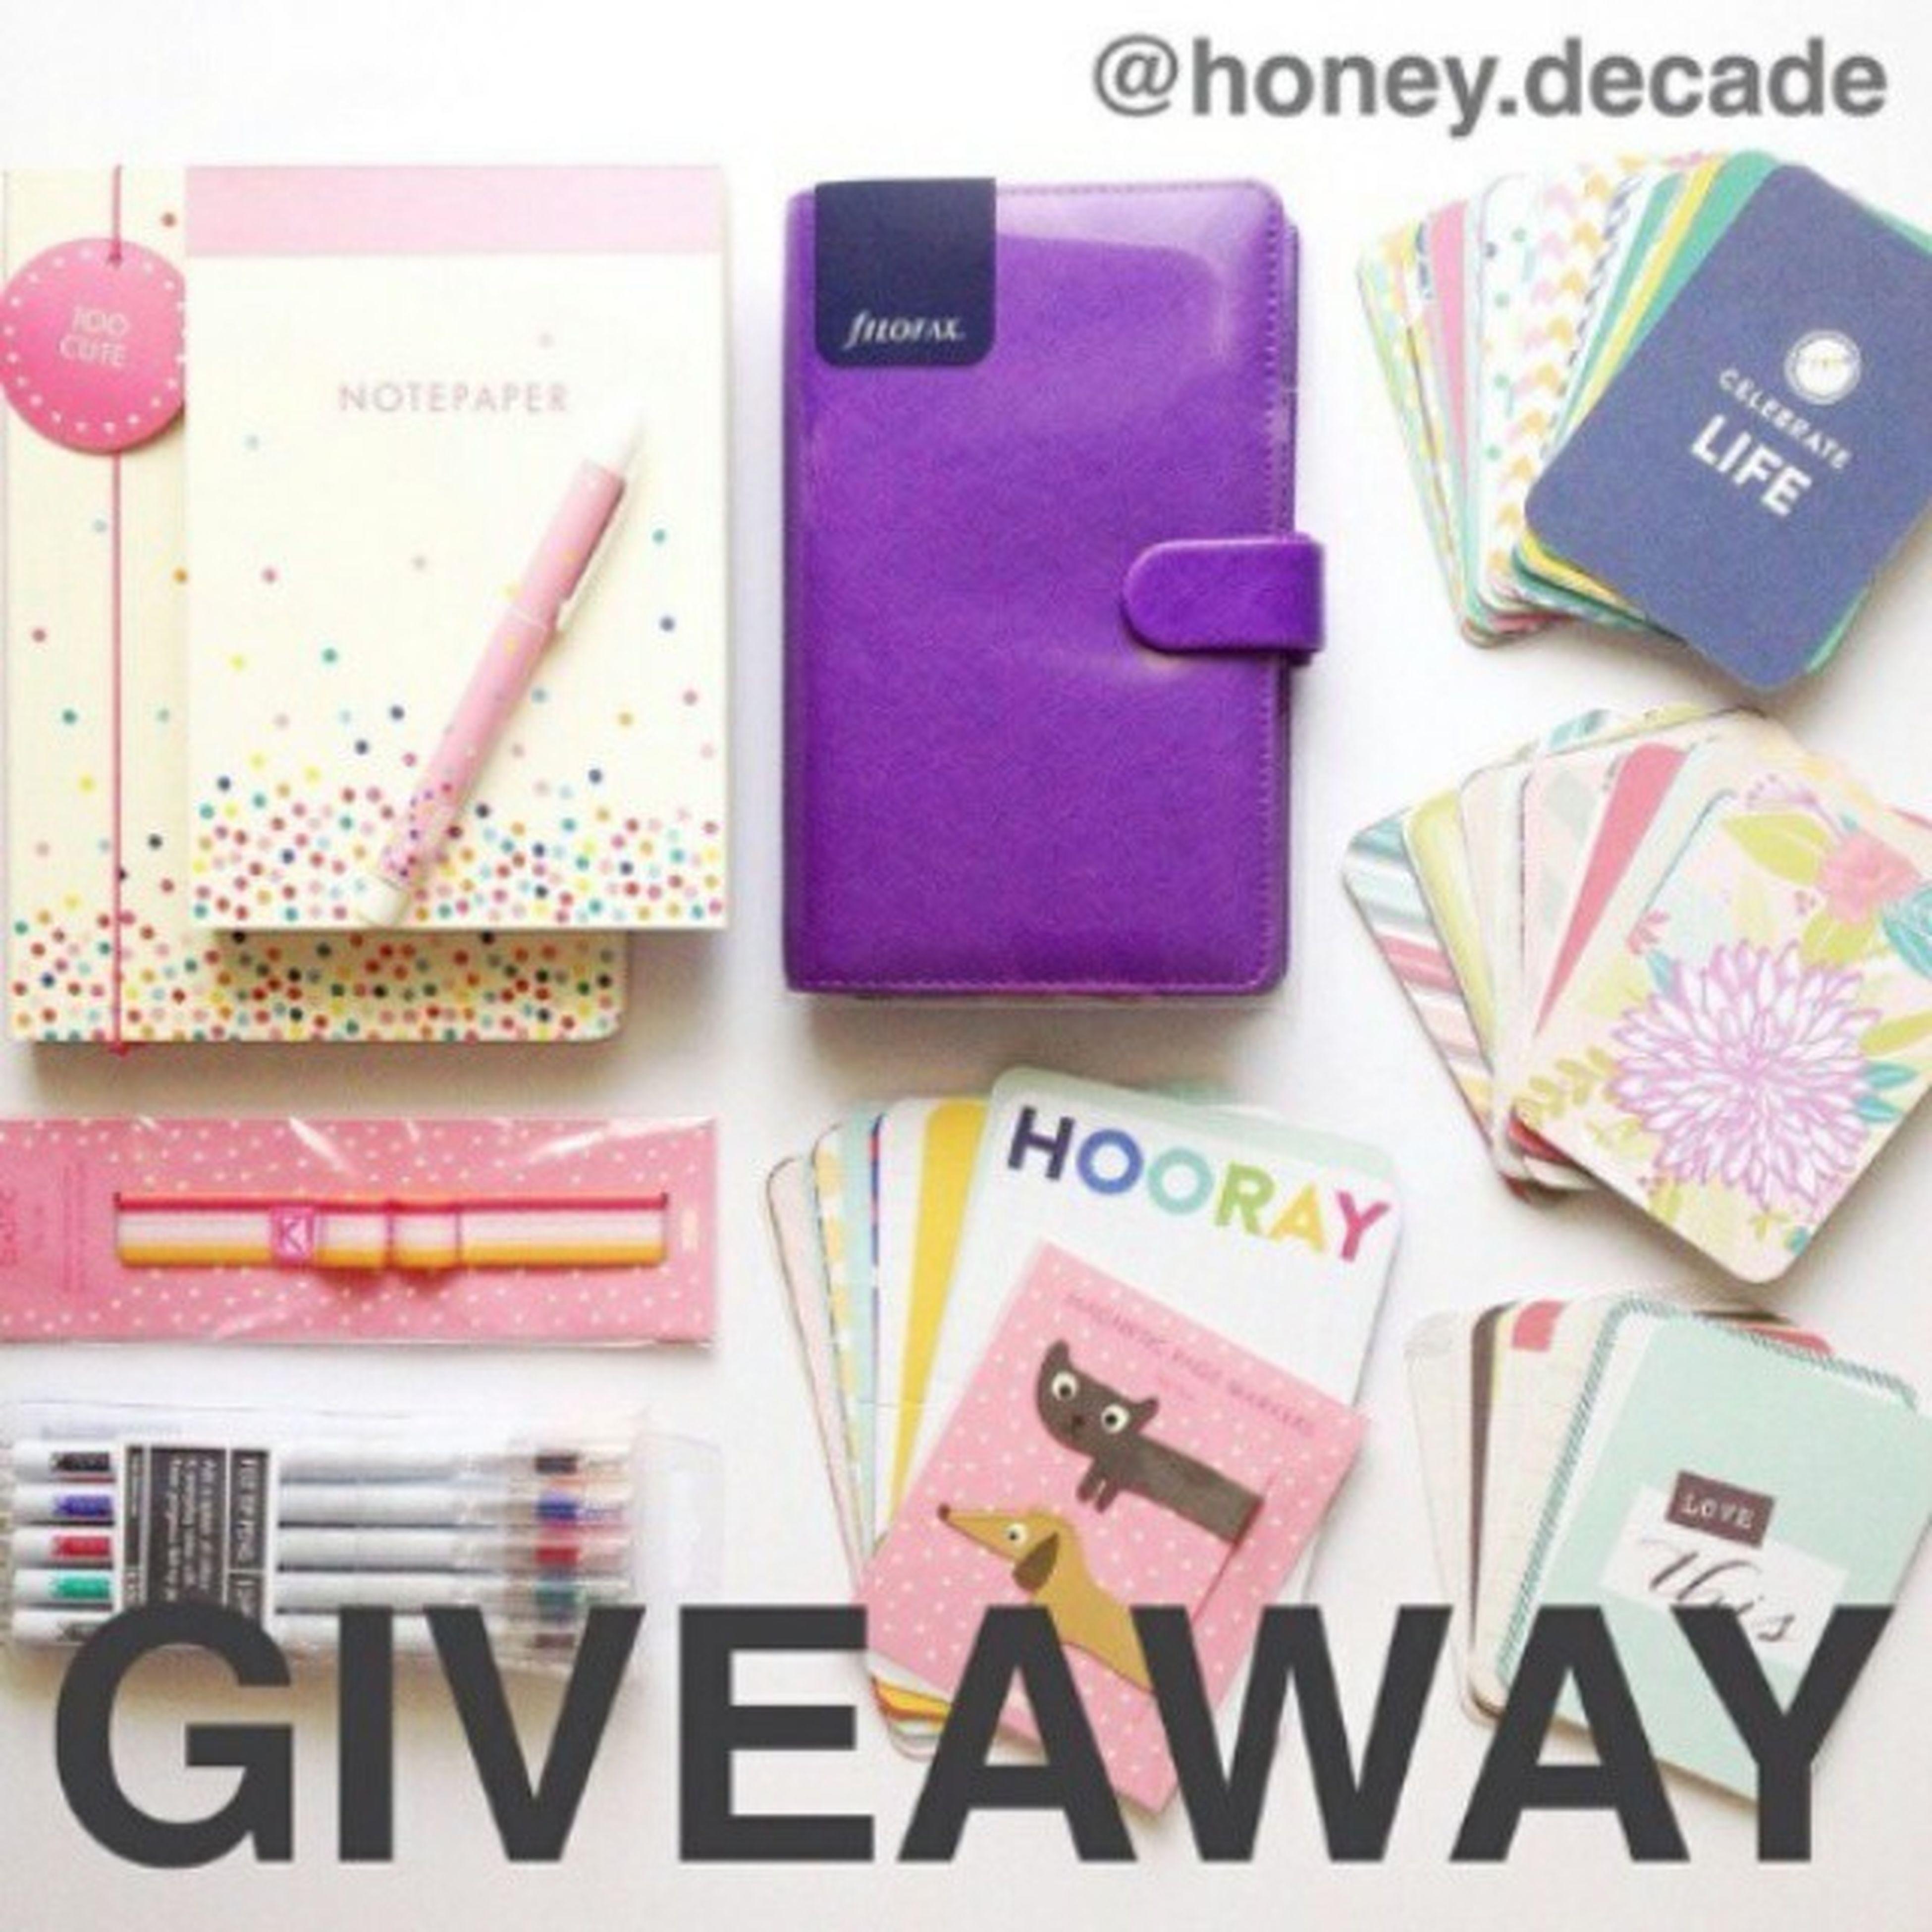 Great giveaway Honeydecadegiveaway